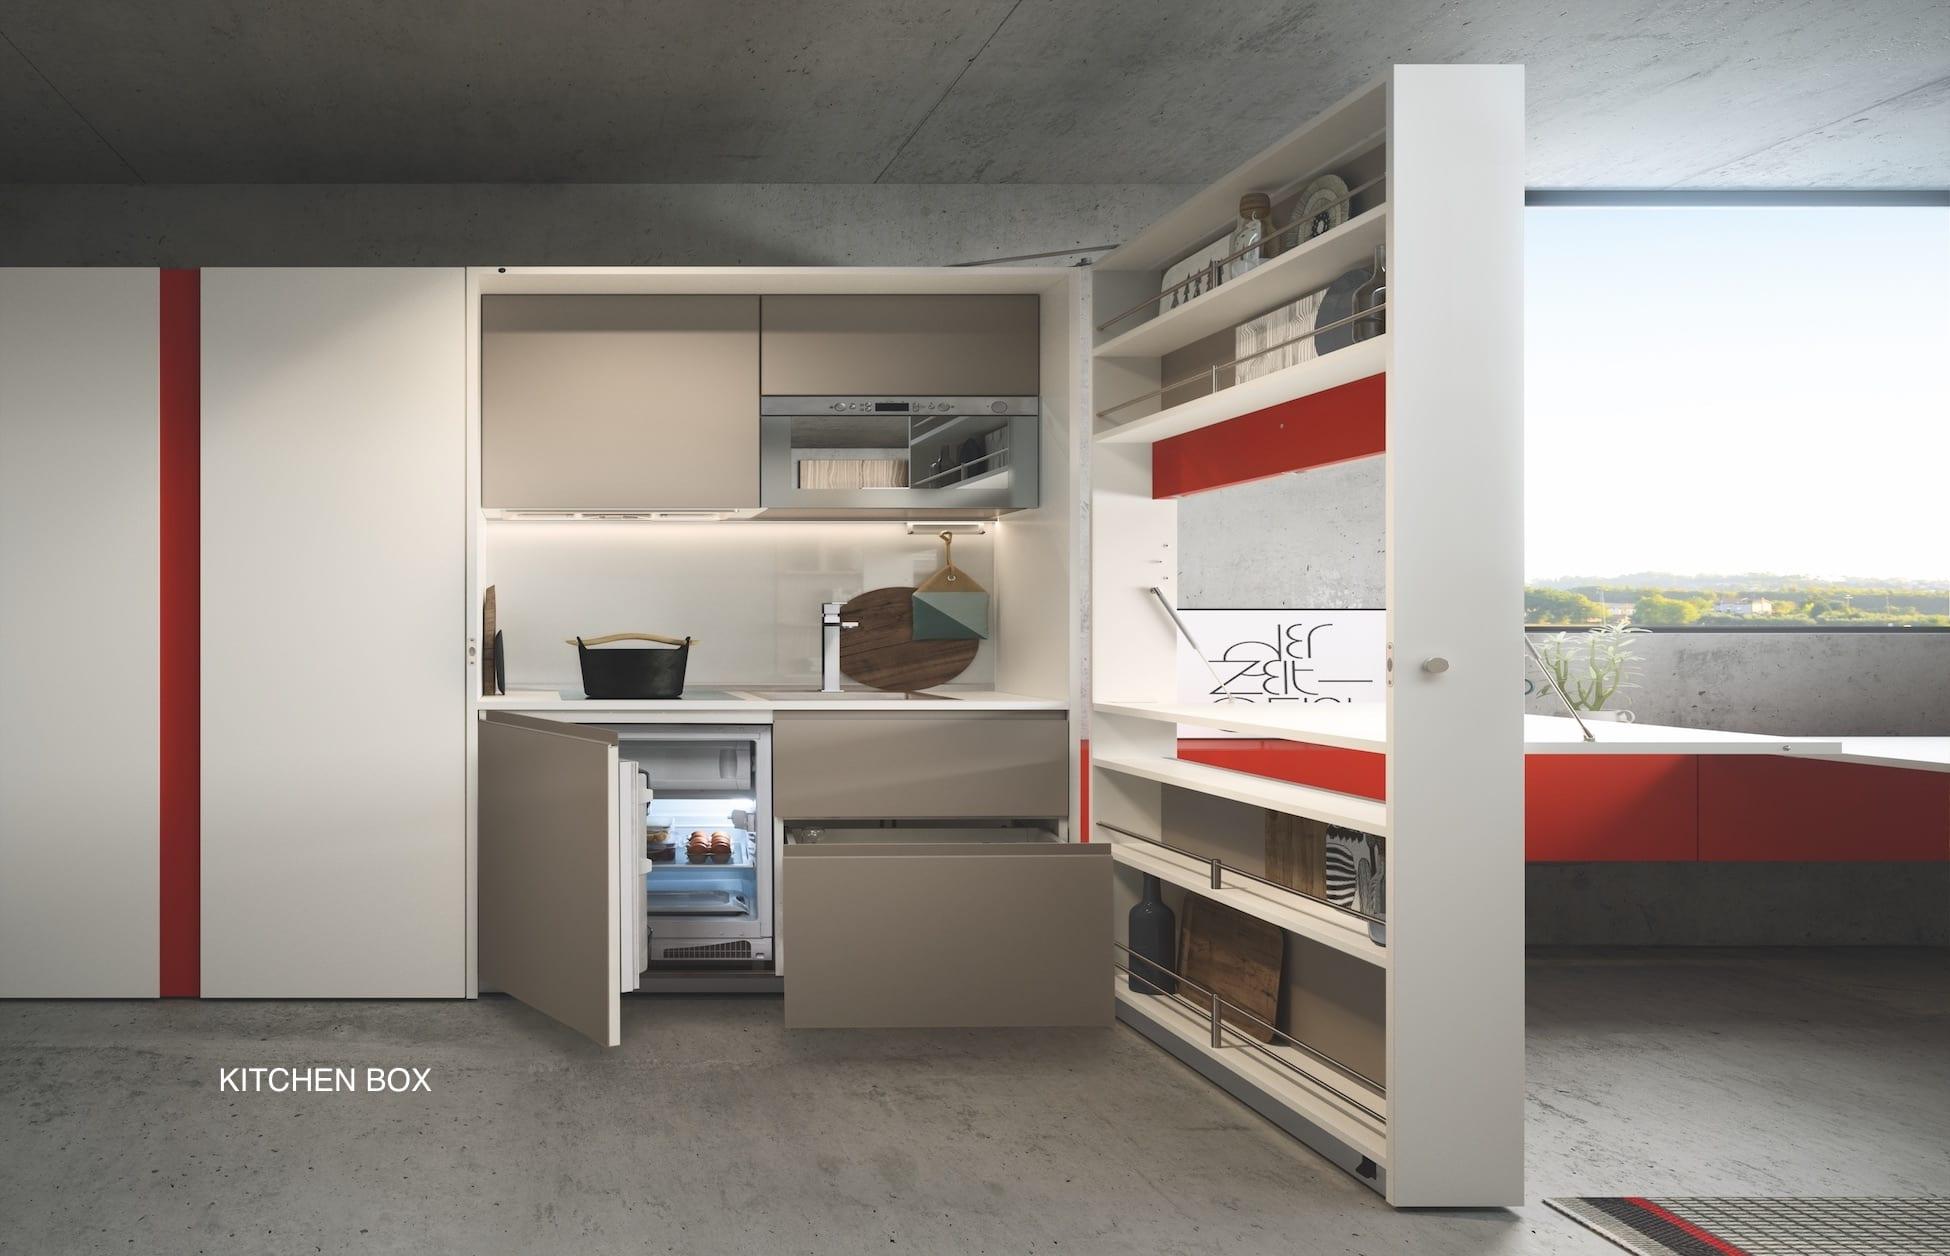 clei-kit cuisine escamotable-kitchenbox- stations ski-résidences de vacances-savoir- haute savoie